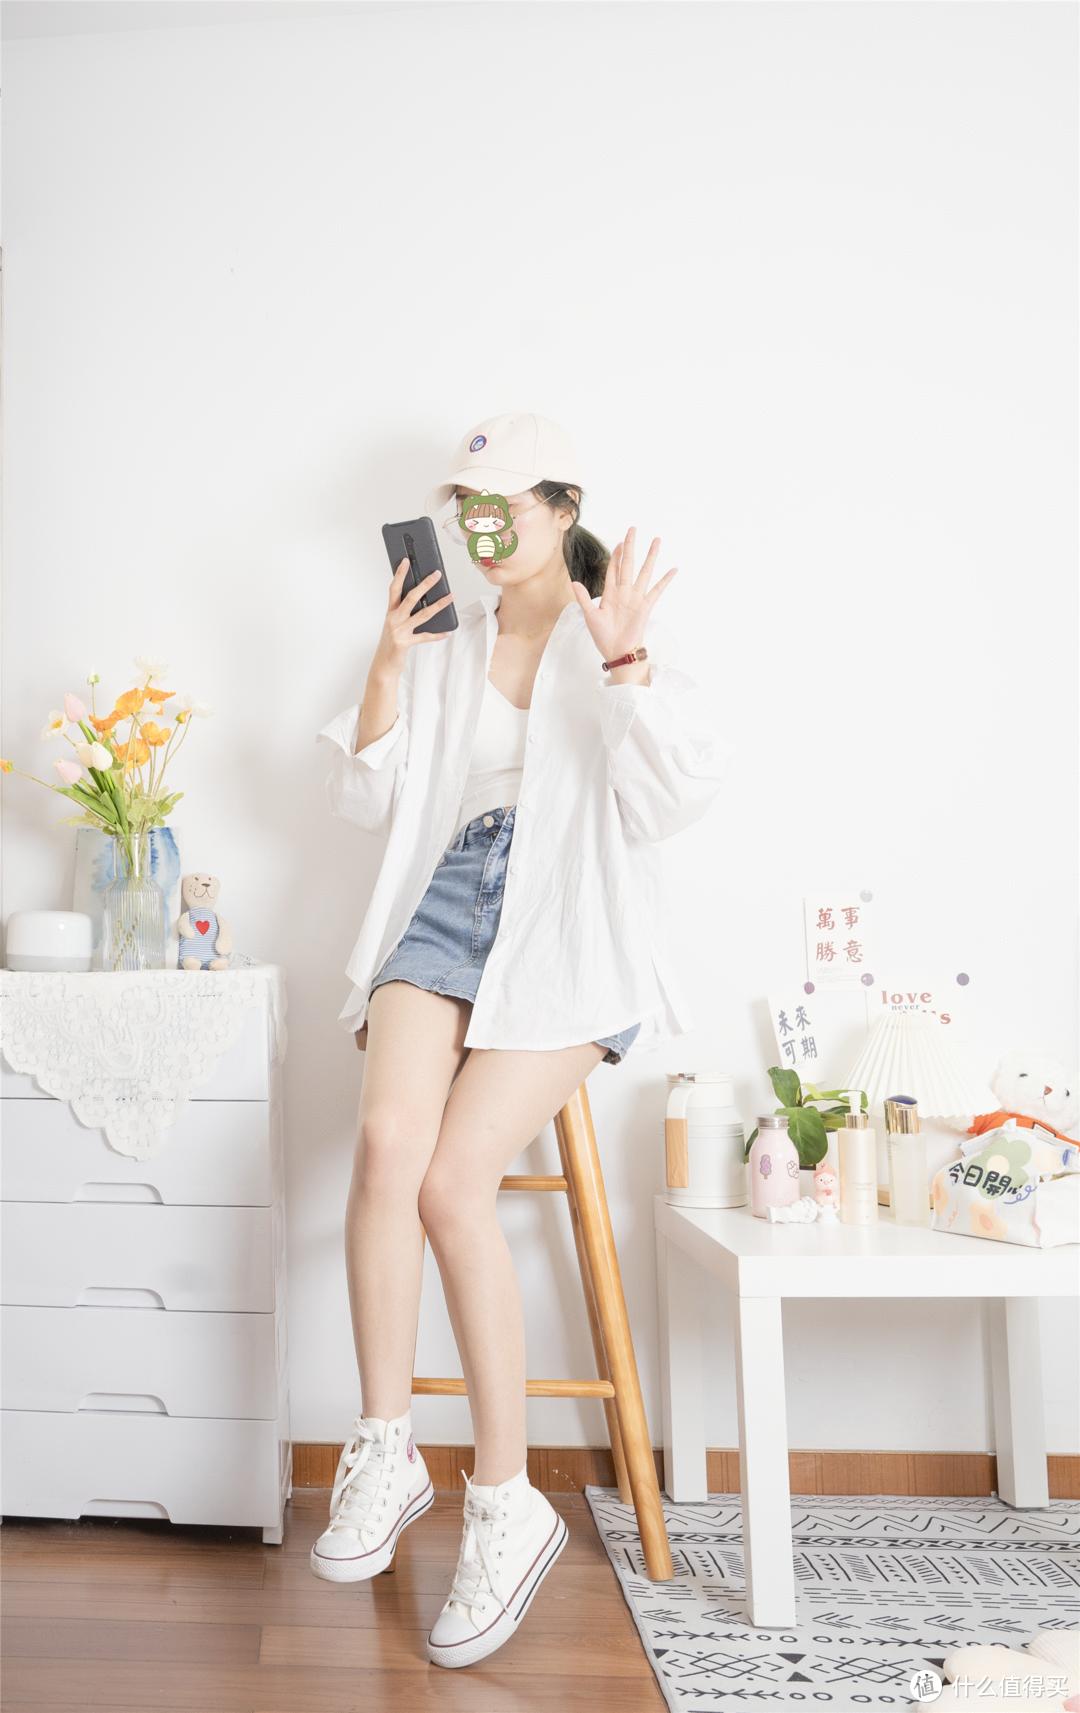 基础款白衬衫也能穿出时髦感,7套真人穿搭你学会了吗!